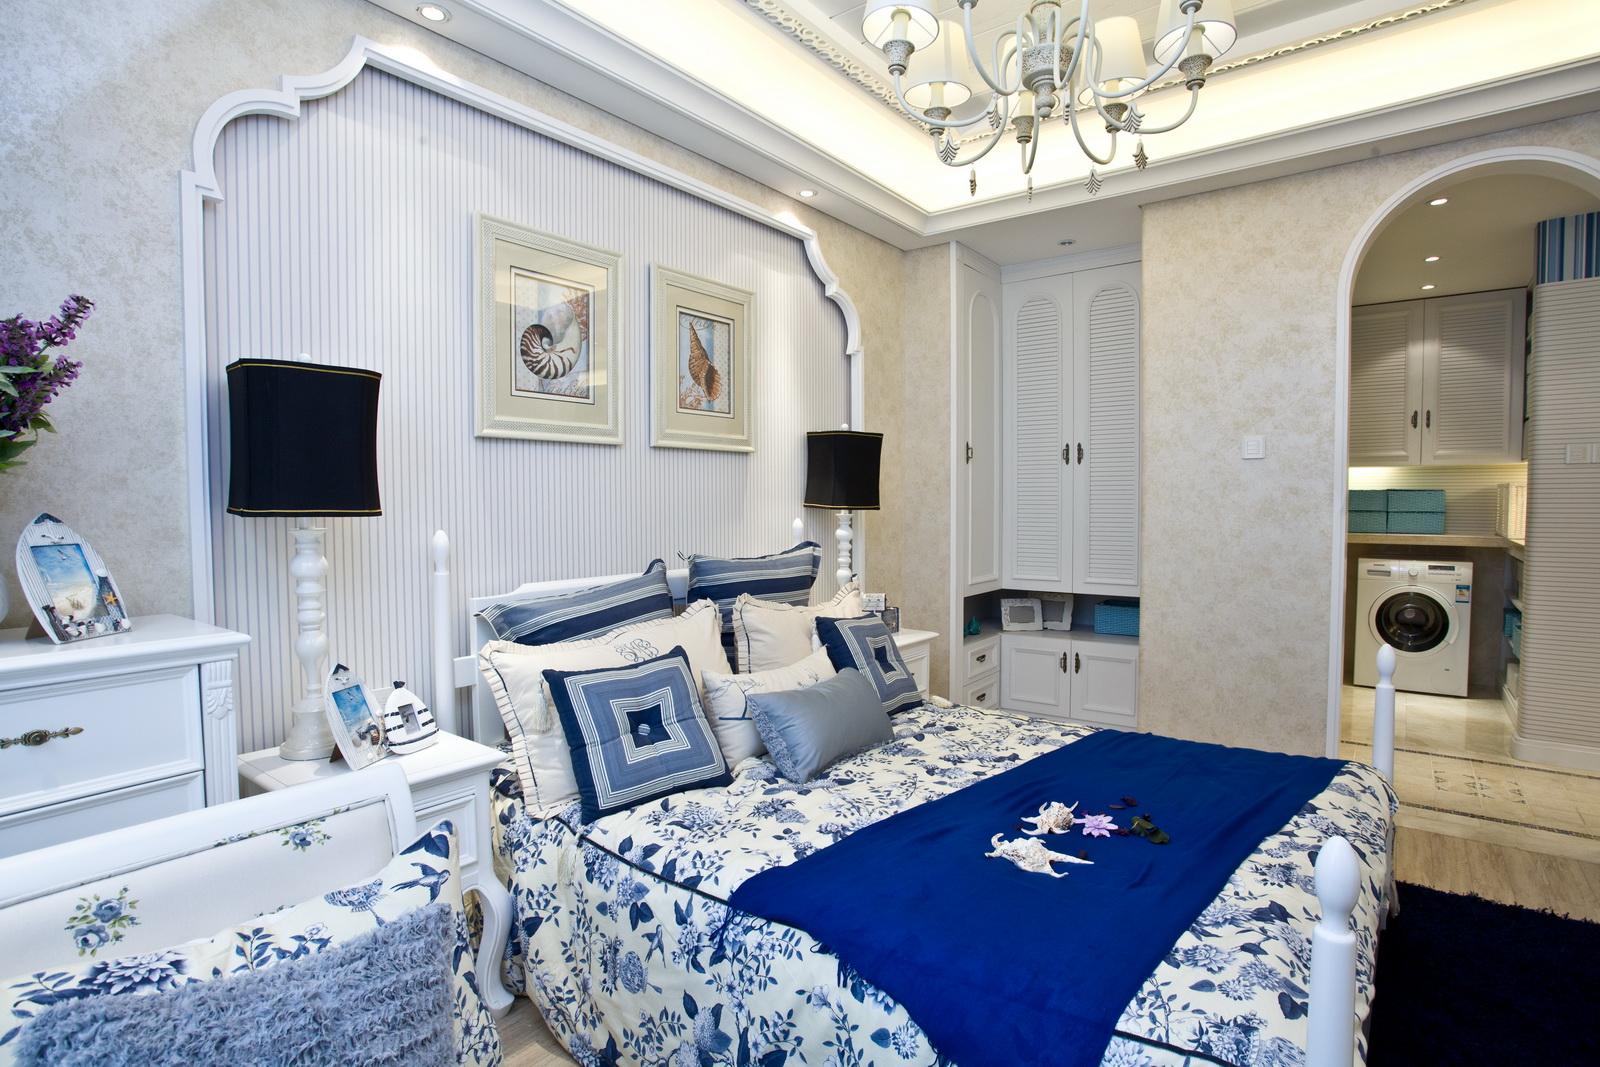 主卧室是白色墙面加木质饰面中腰线,使空间变得更加纯粹,床品是蓝白的,是惬意和舒适的代表